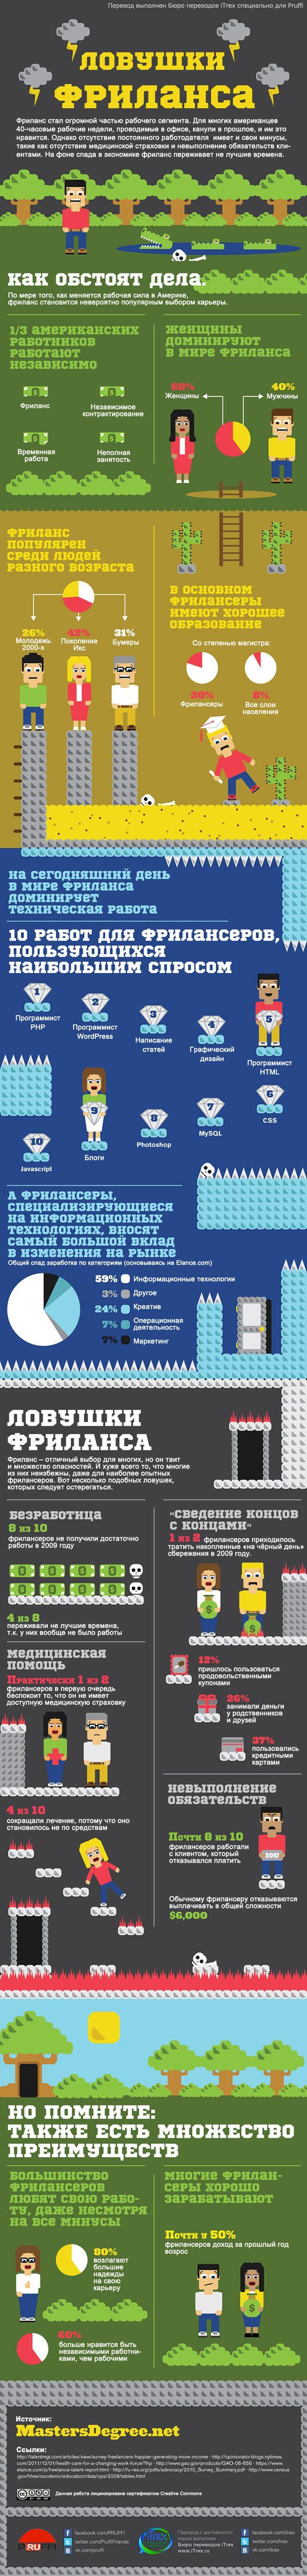 """Инфографика: """"Ловушки фриланса"""". Самые распространенные профессии среди фрилансеров — программисты, дизайнеры и писатели. При этом работники сферы информационных технологий вносят самый большой вклад в изменения на рынке."""